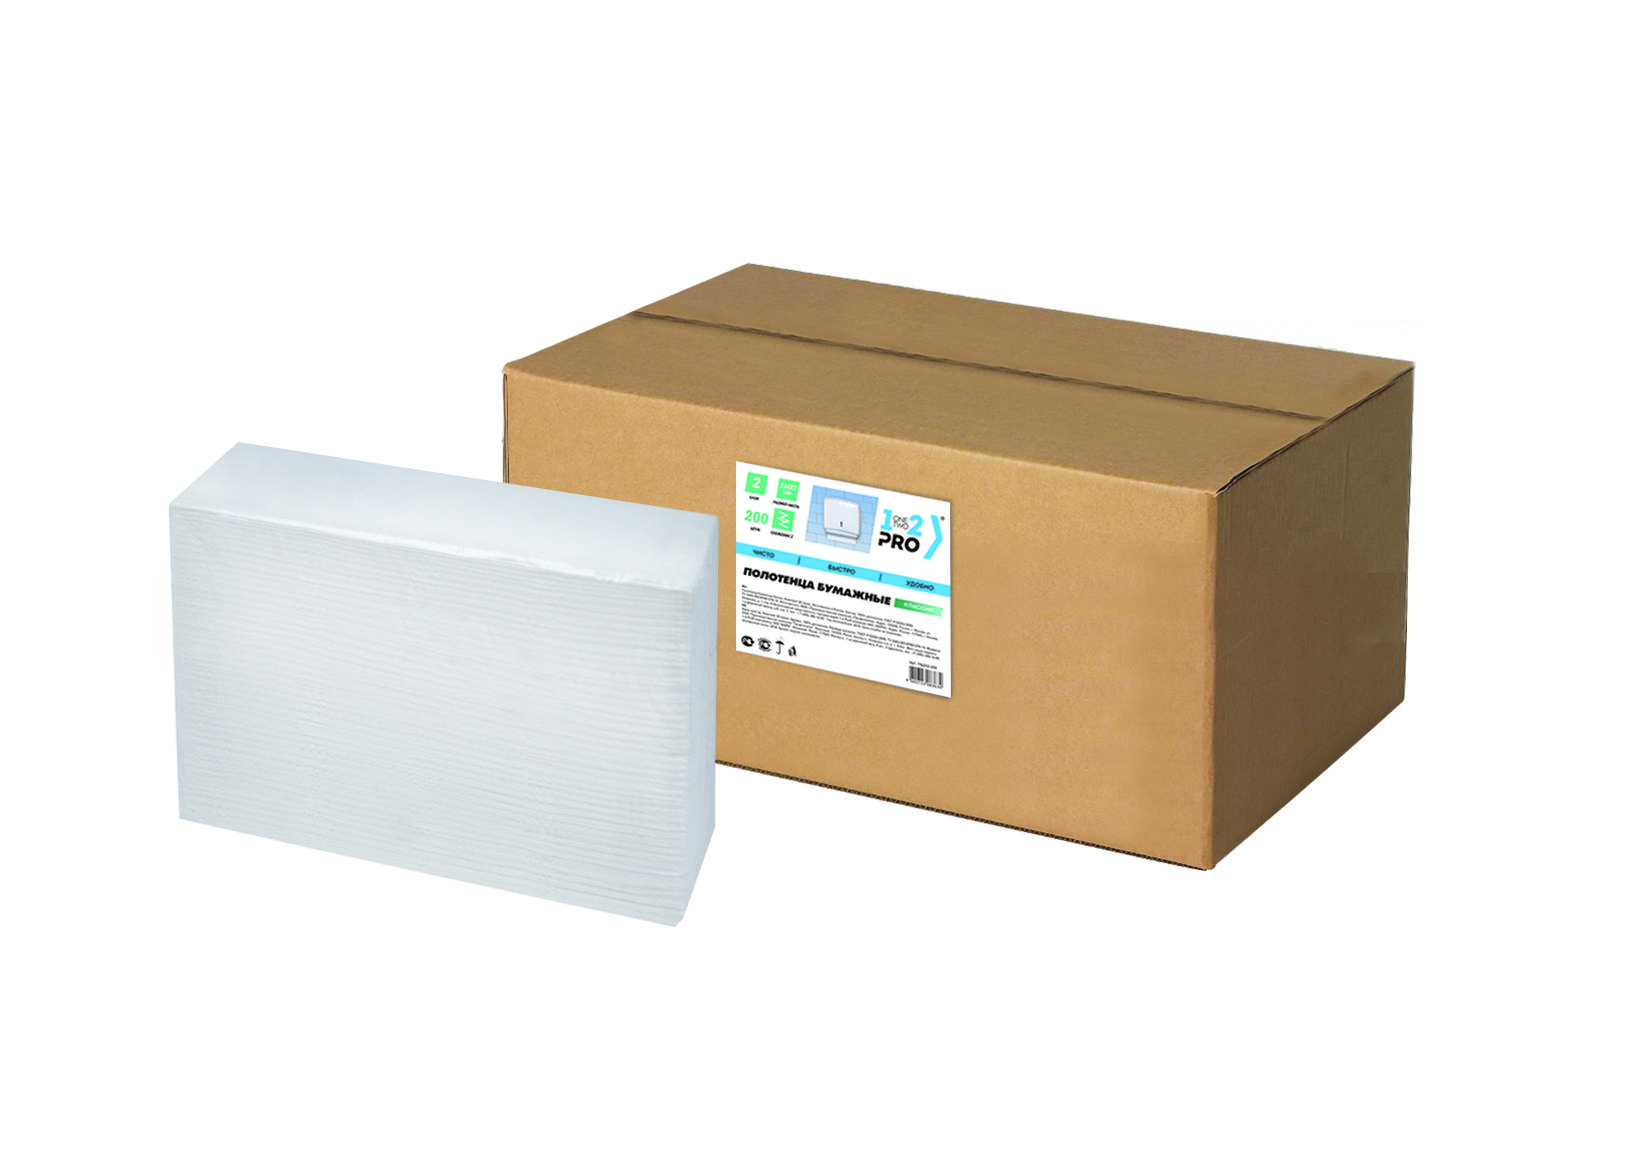 Полотенца бумажные, 2 слоя, 1-2-PRO КЛАССИК, Z-сложение, 23х22 см, 200 листов, белый